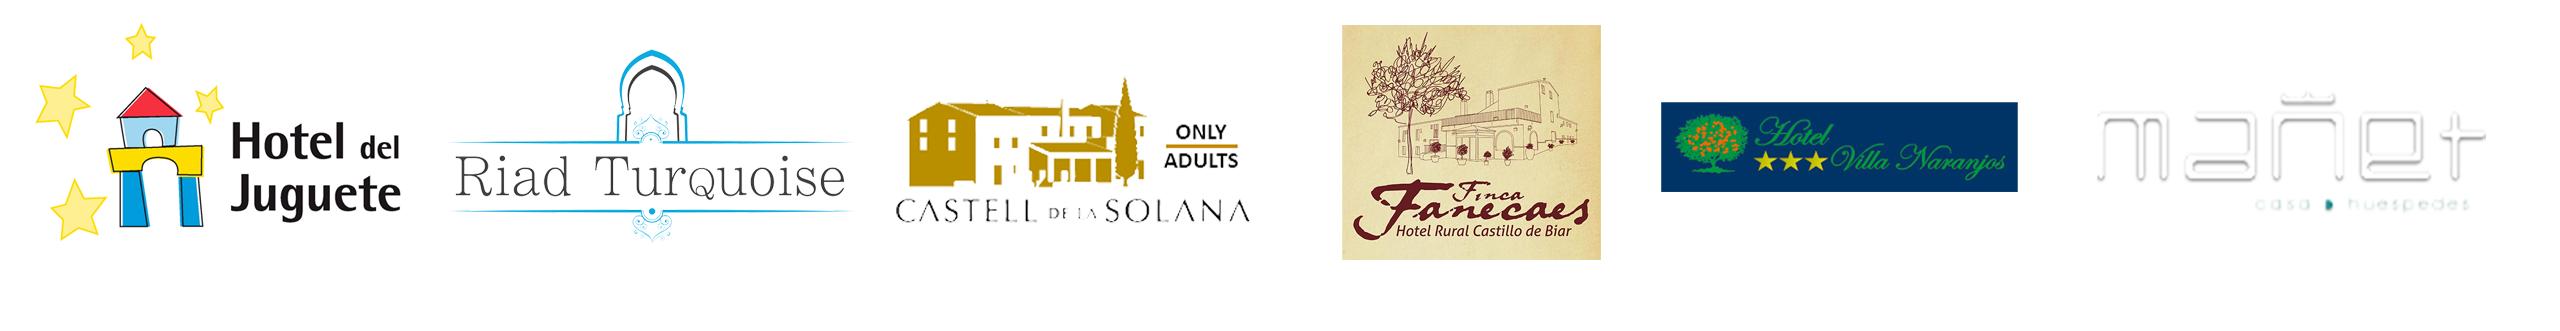 hoteles logos